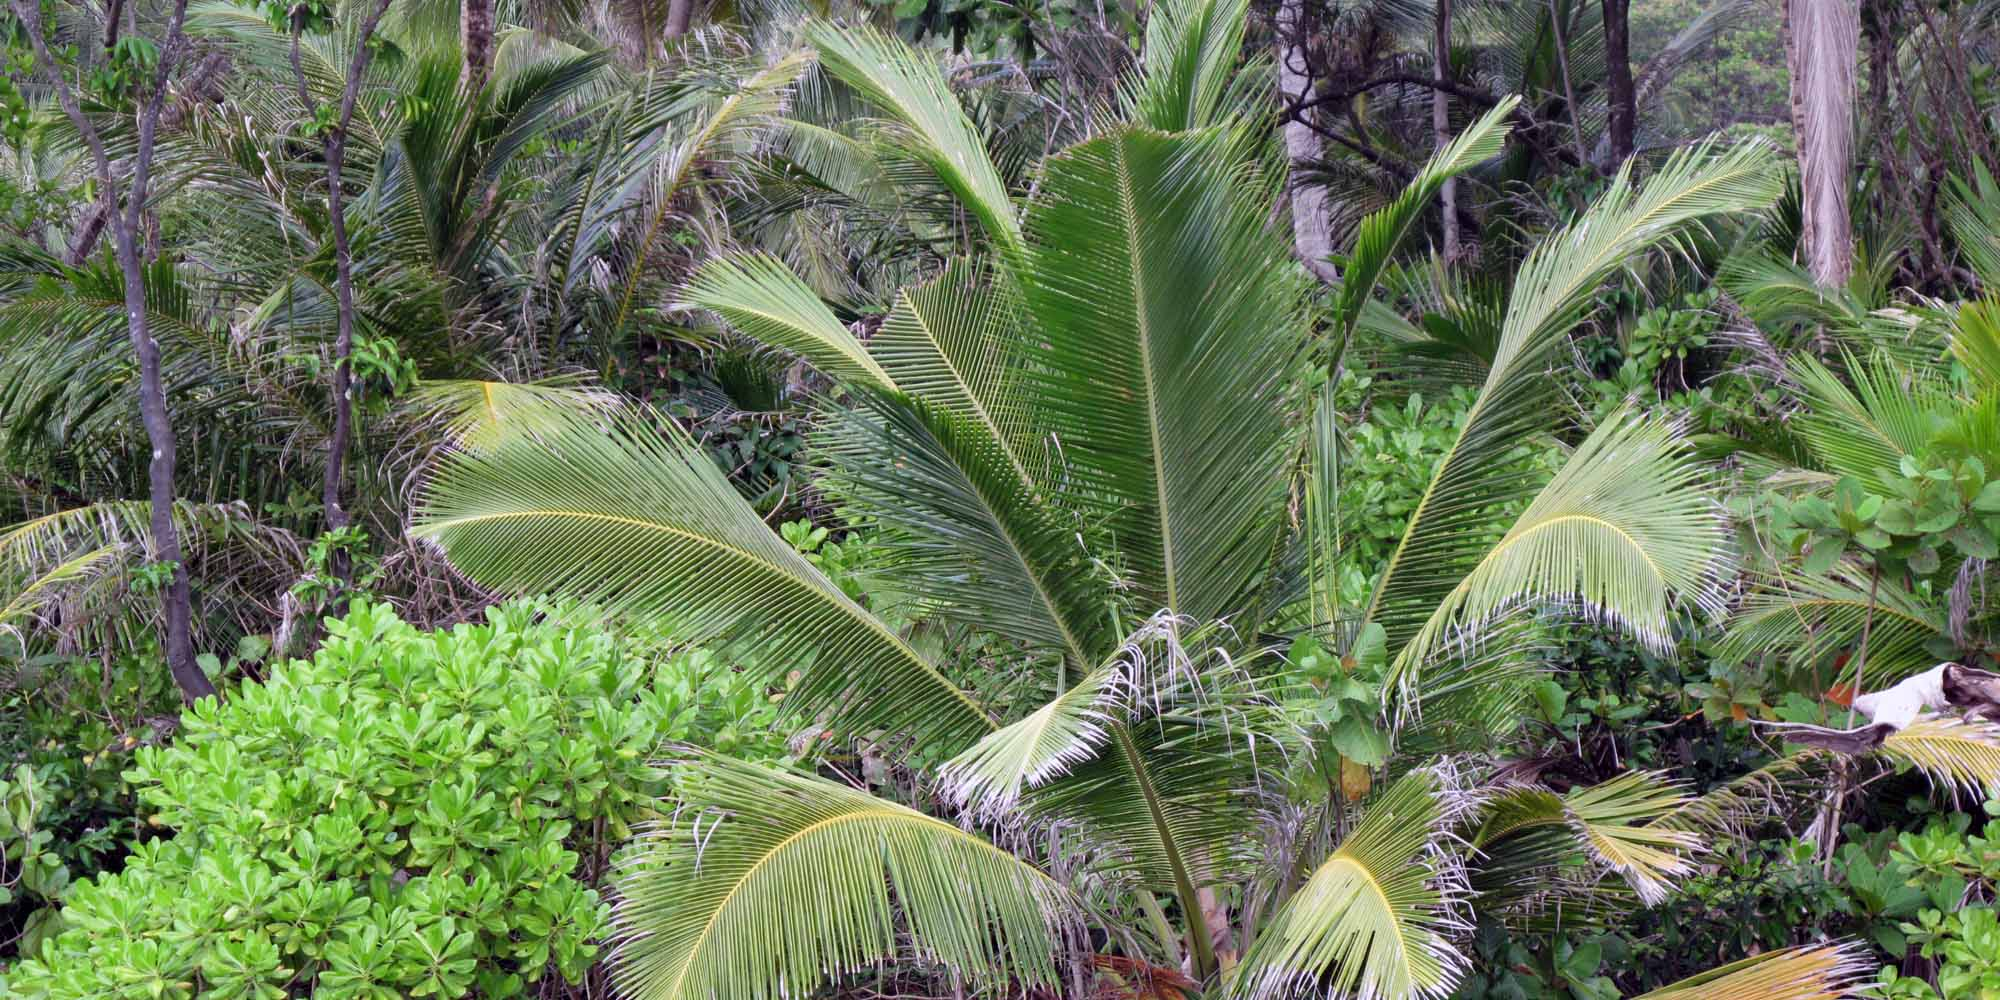 phuket-2010-palm.jpg